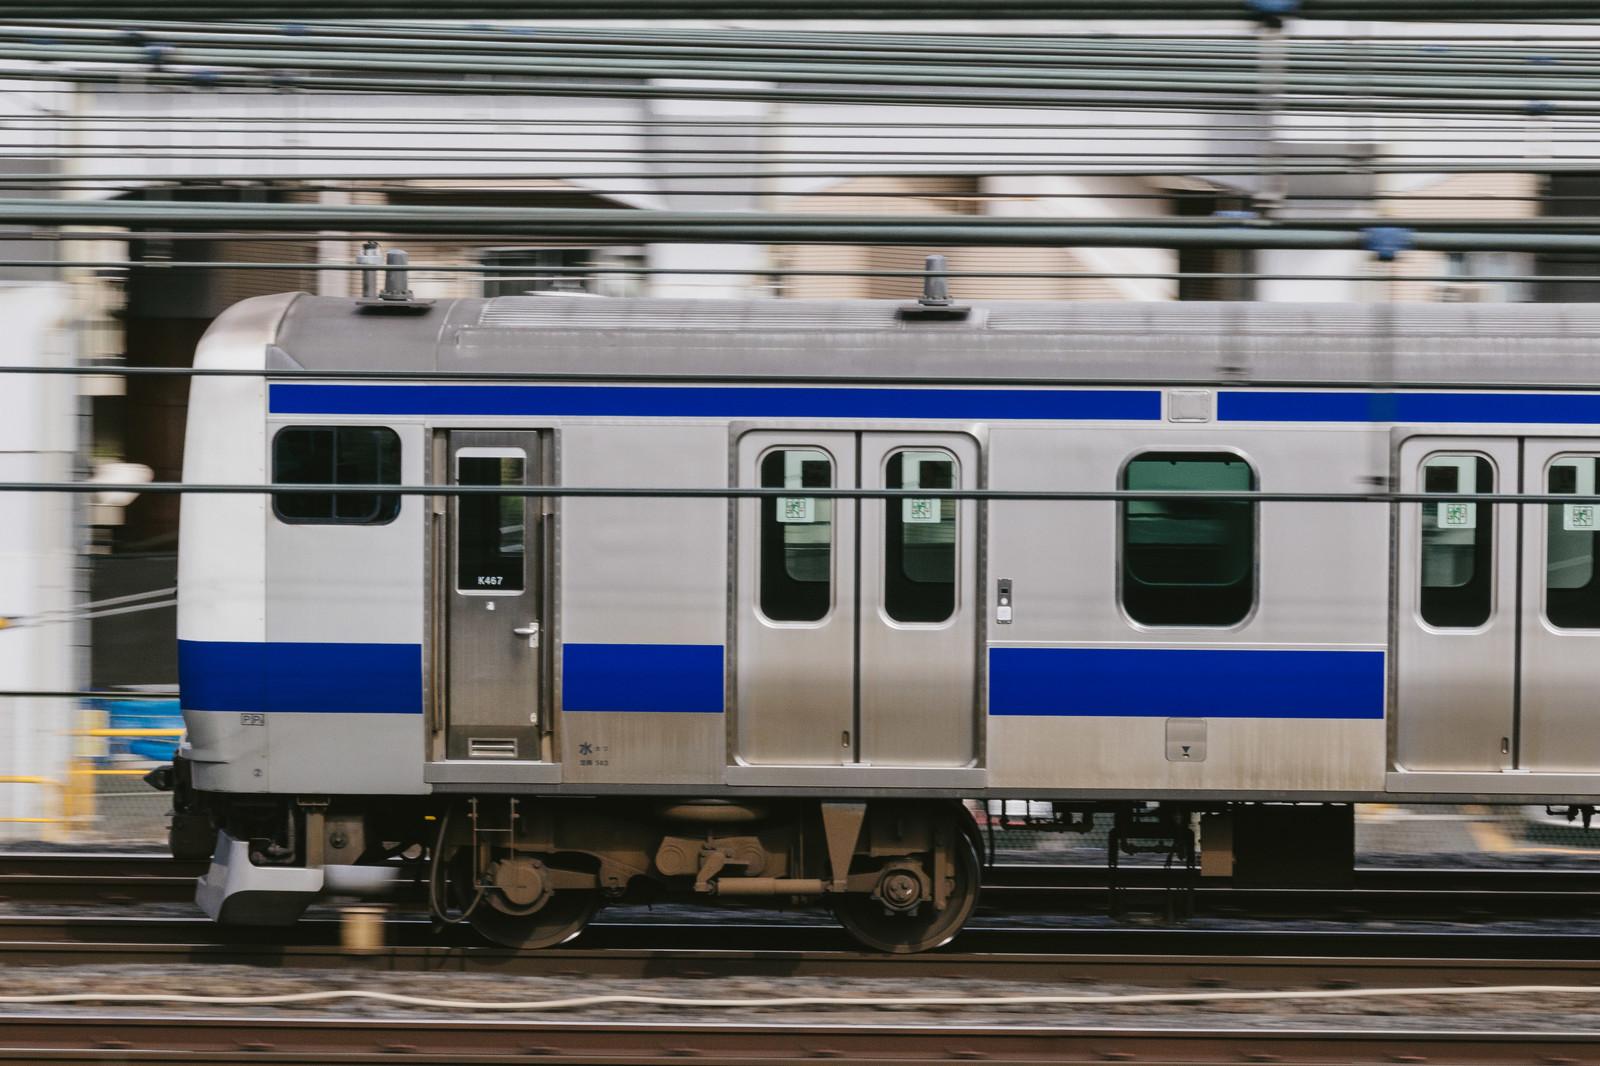 有料座席指定列車が流れを変える?